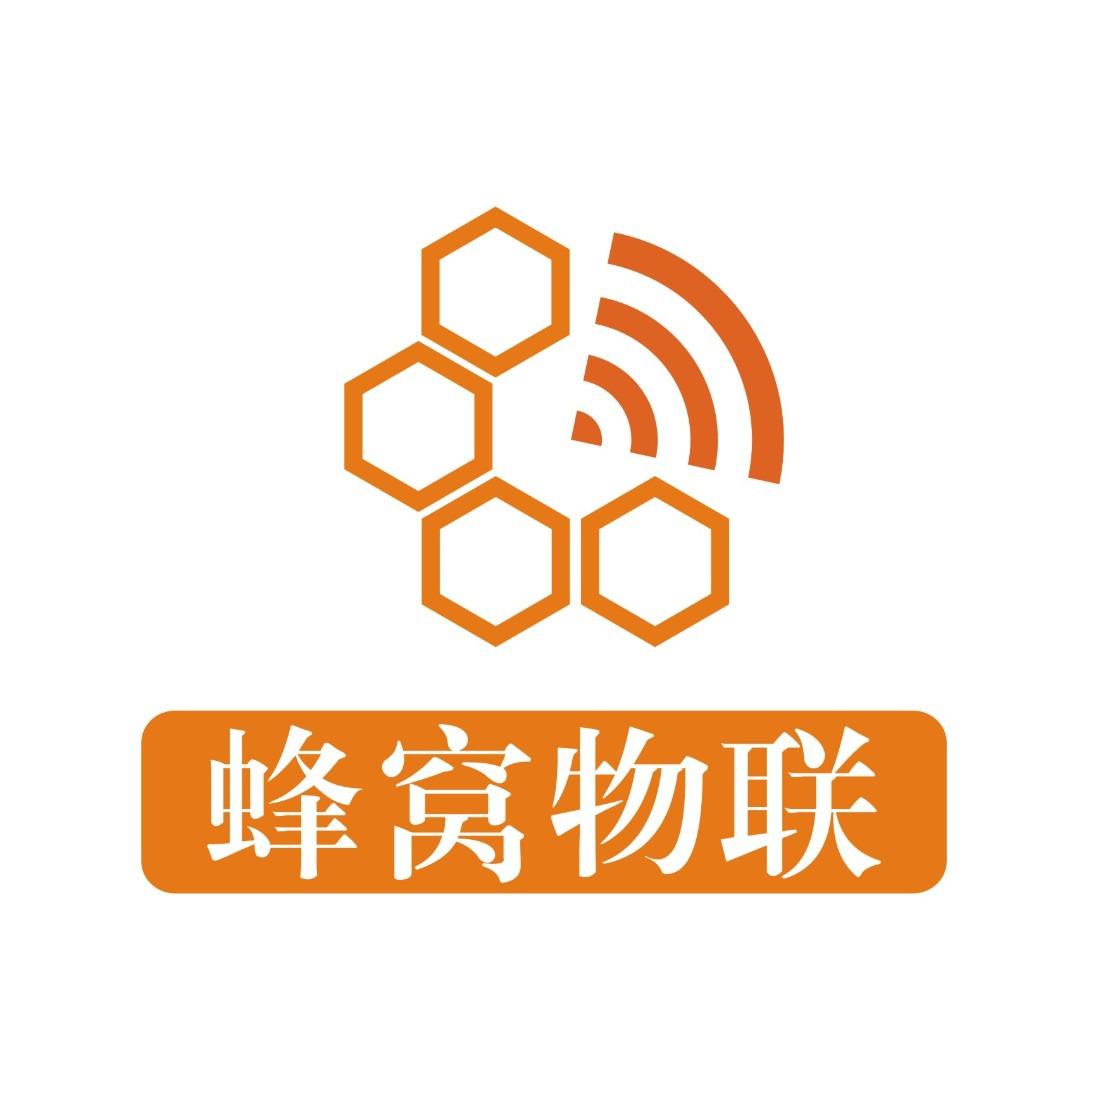 福建蜂窩物聯網科技有限公司